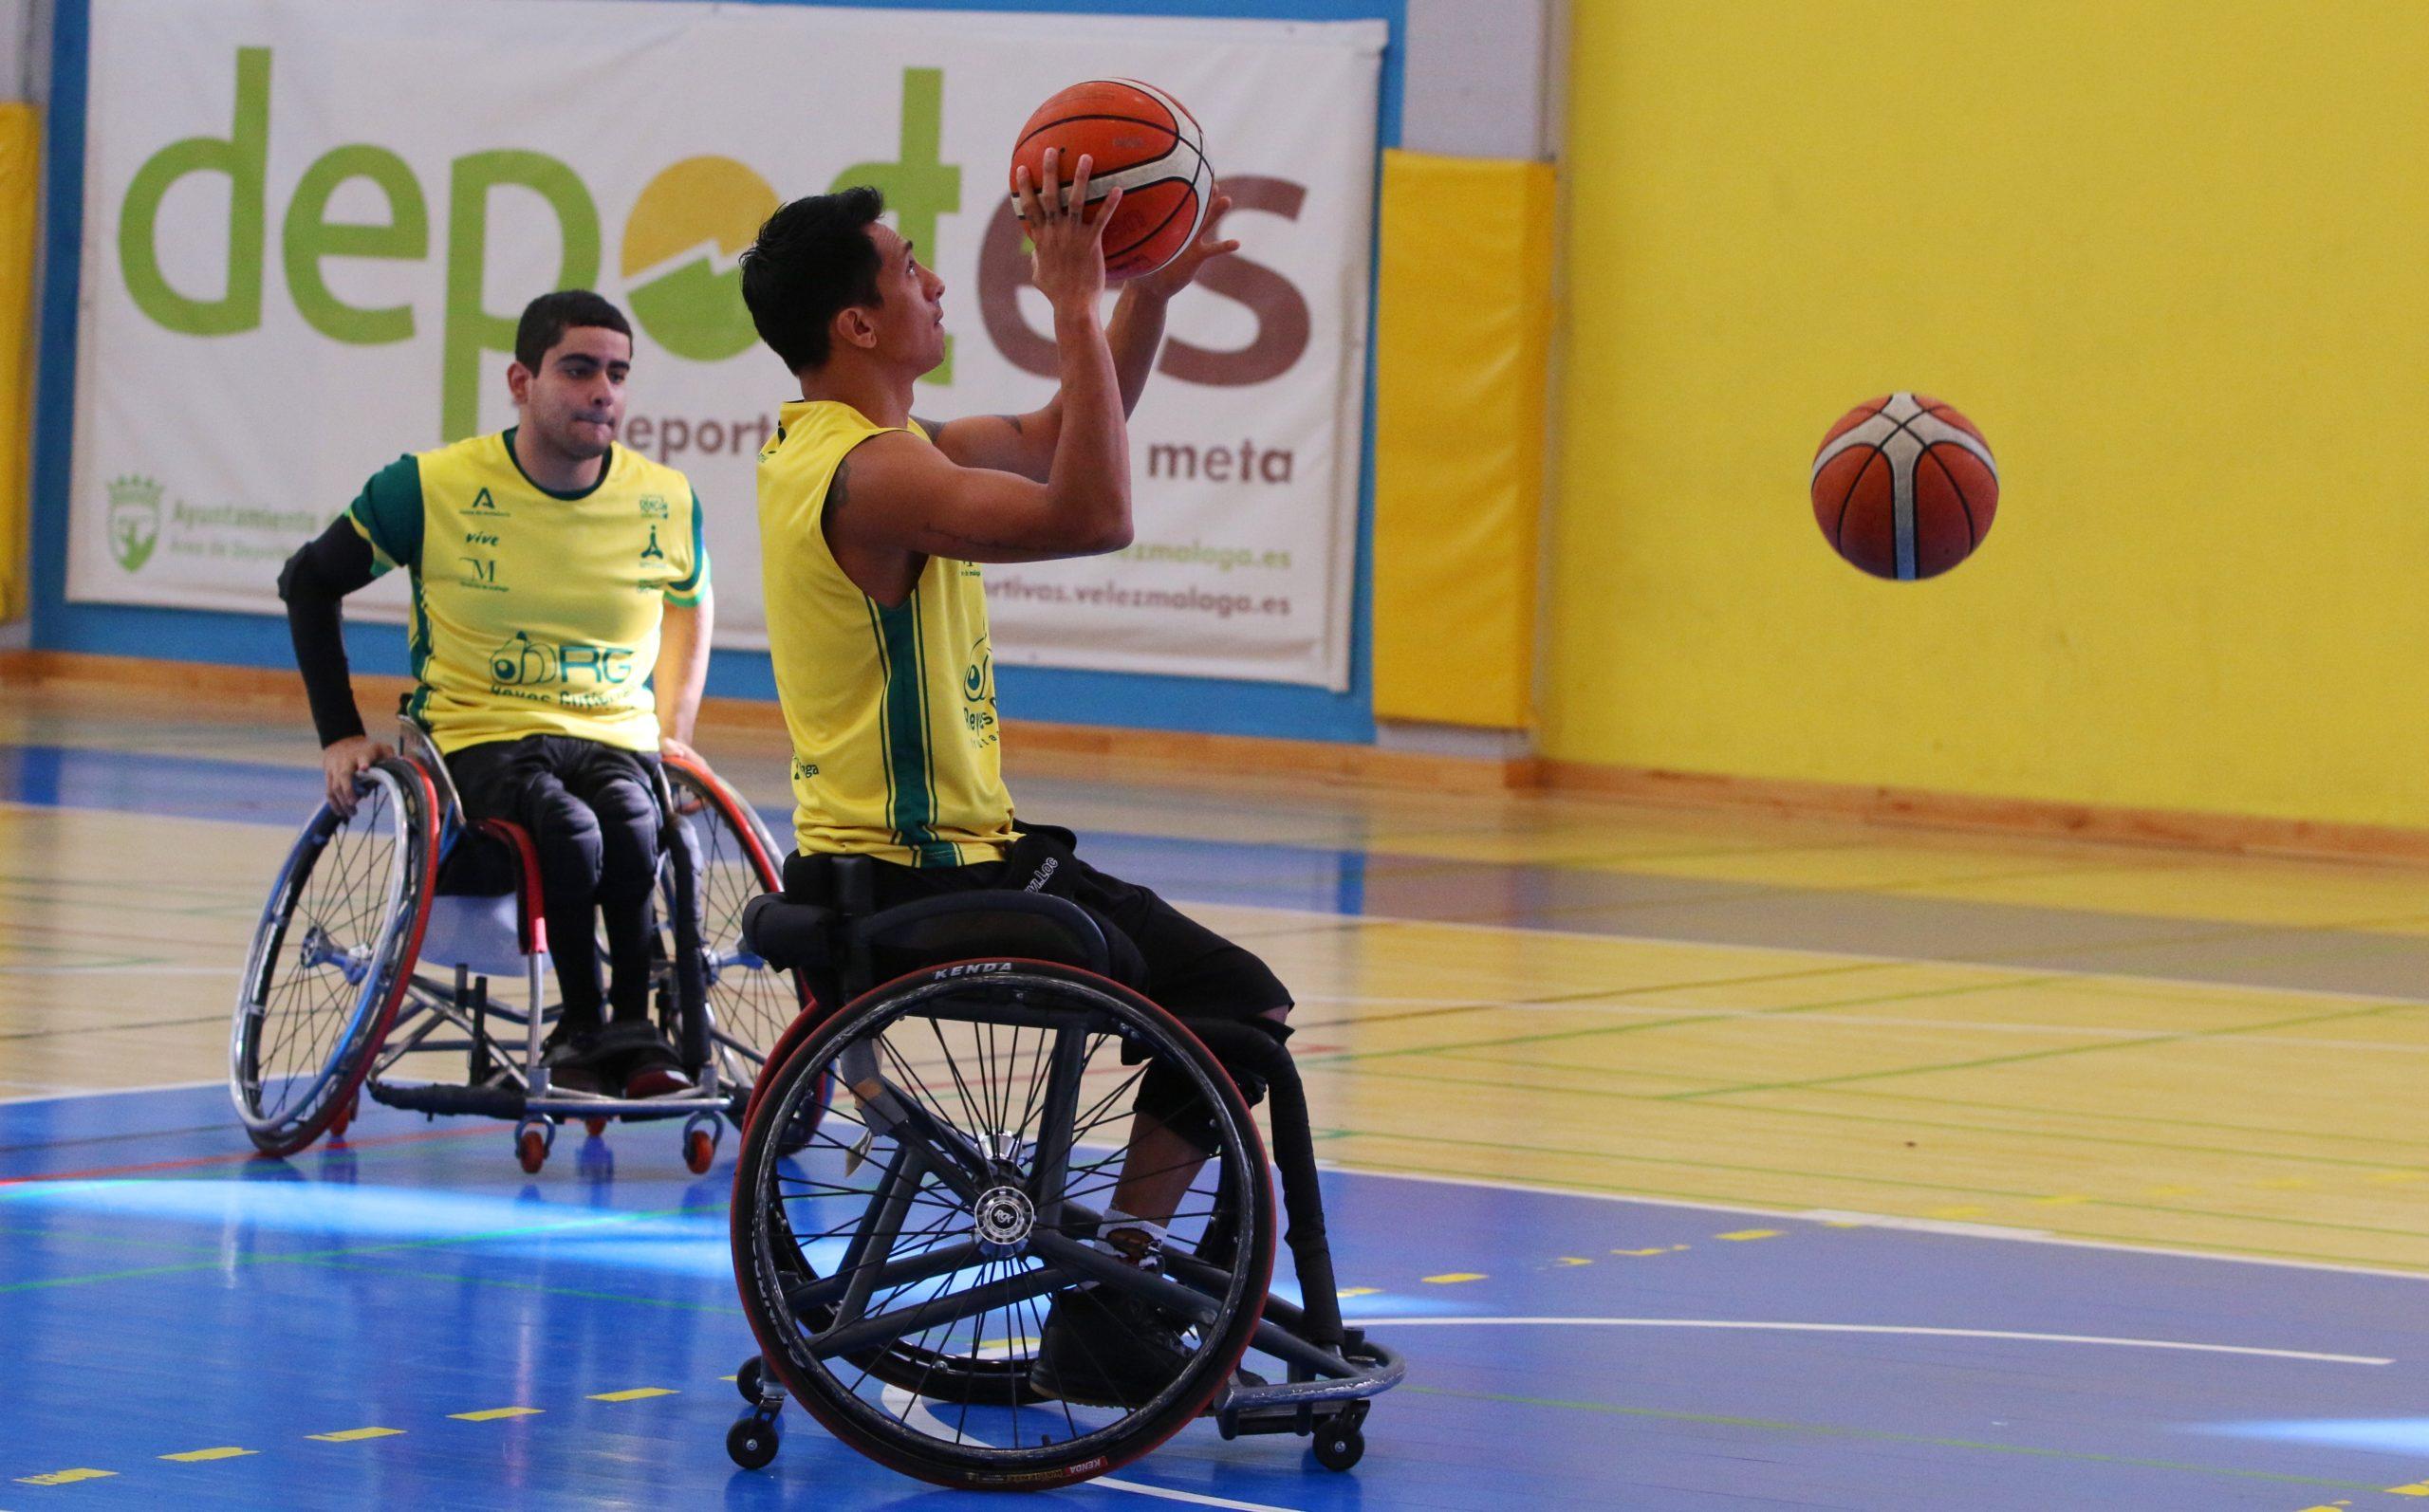 Baloncesto en Silla de Ruedas (BSR)